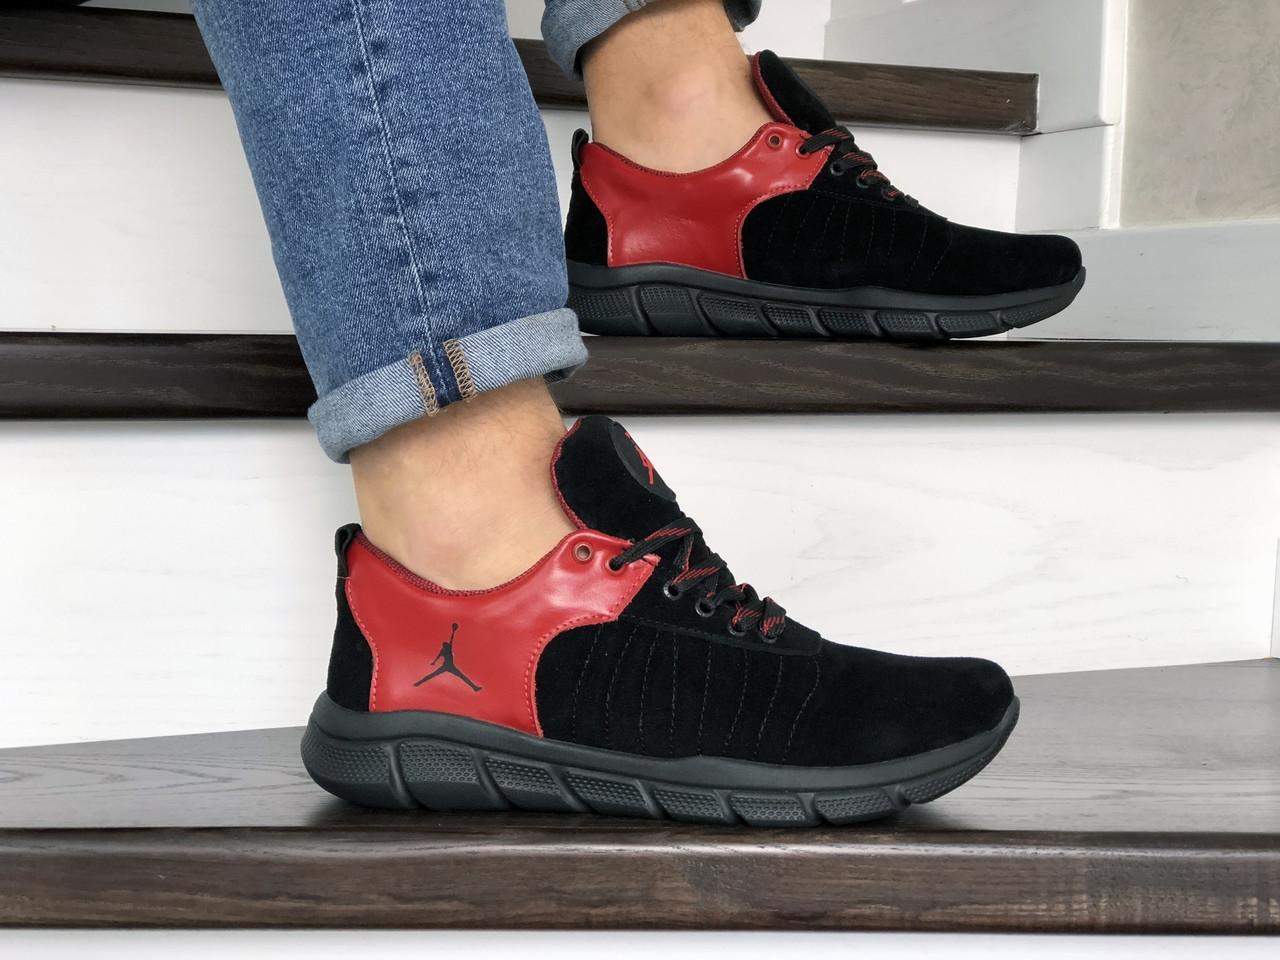 Мужские модные кроссовки (в стиле) Nike Air Jordan,кожаные,черные с красным